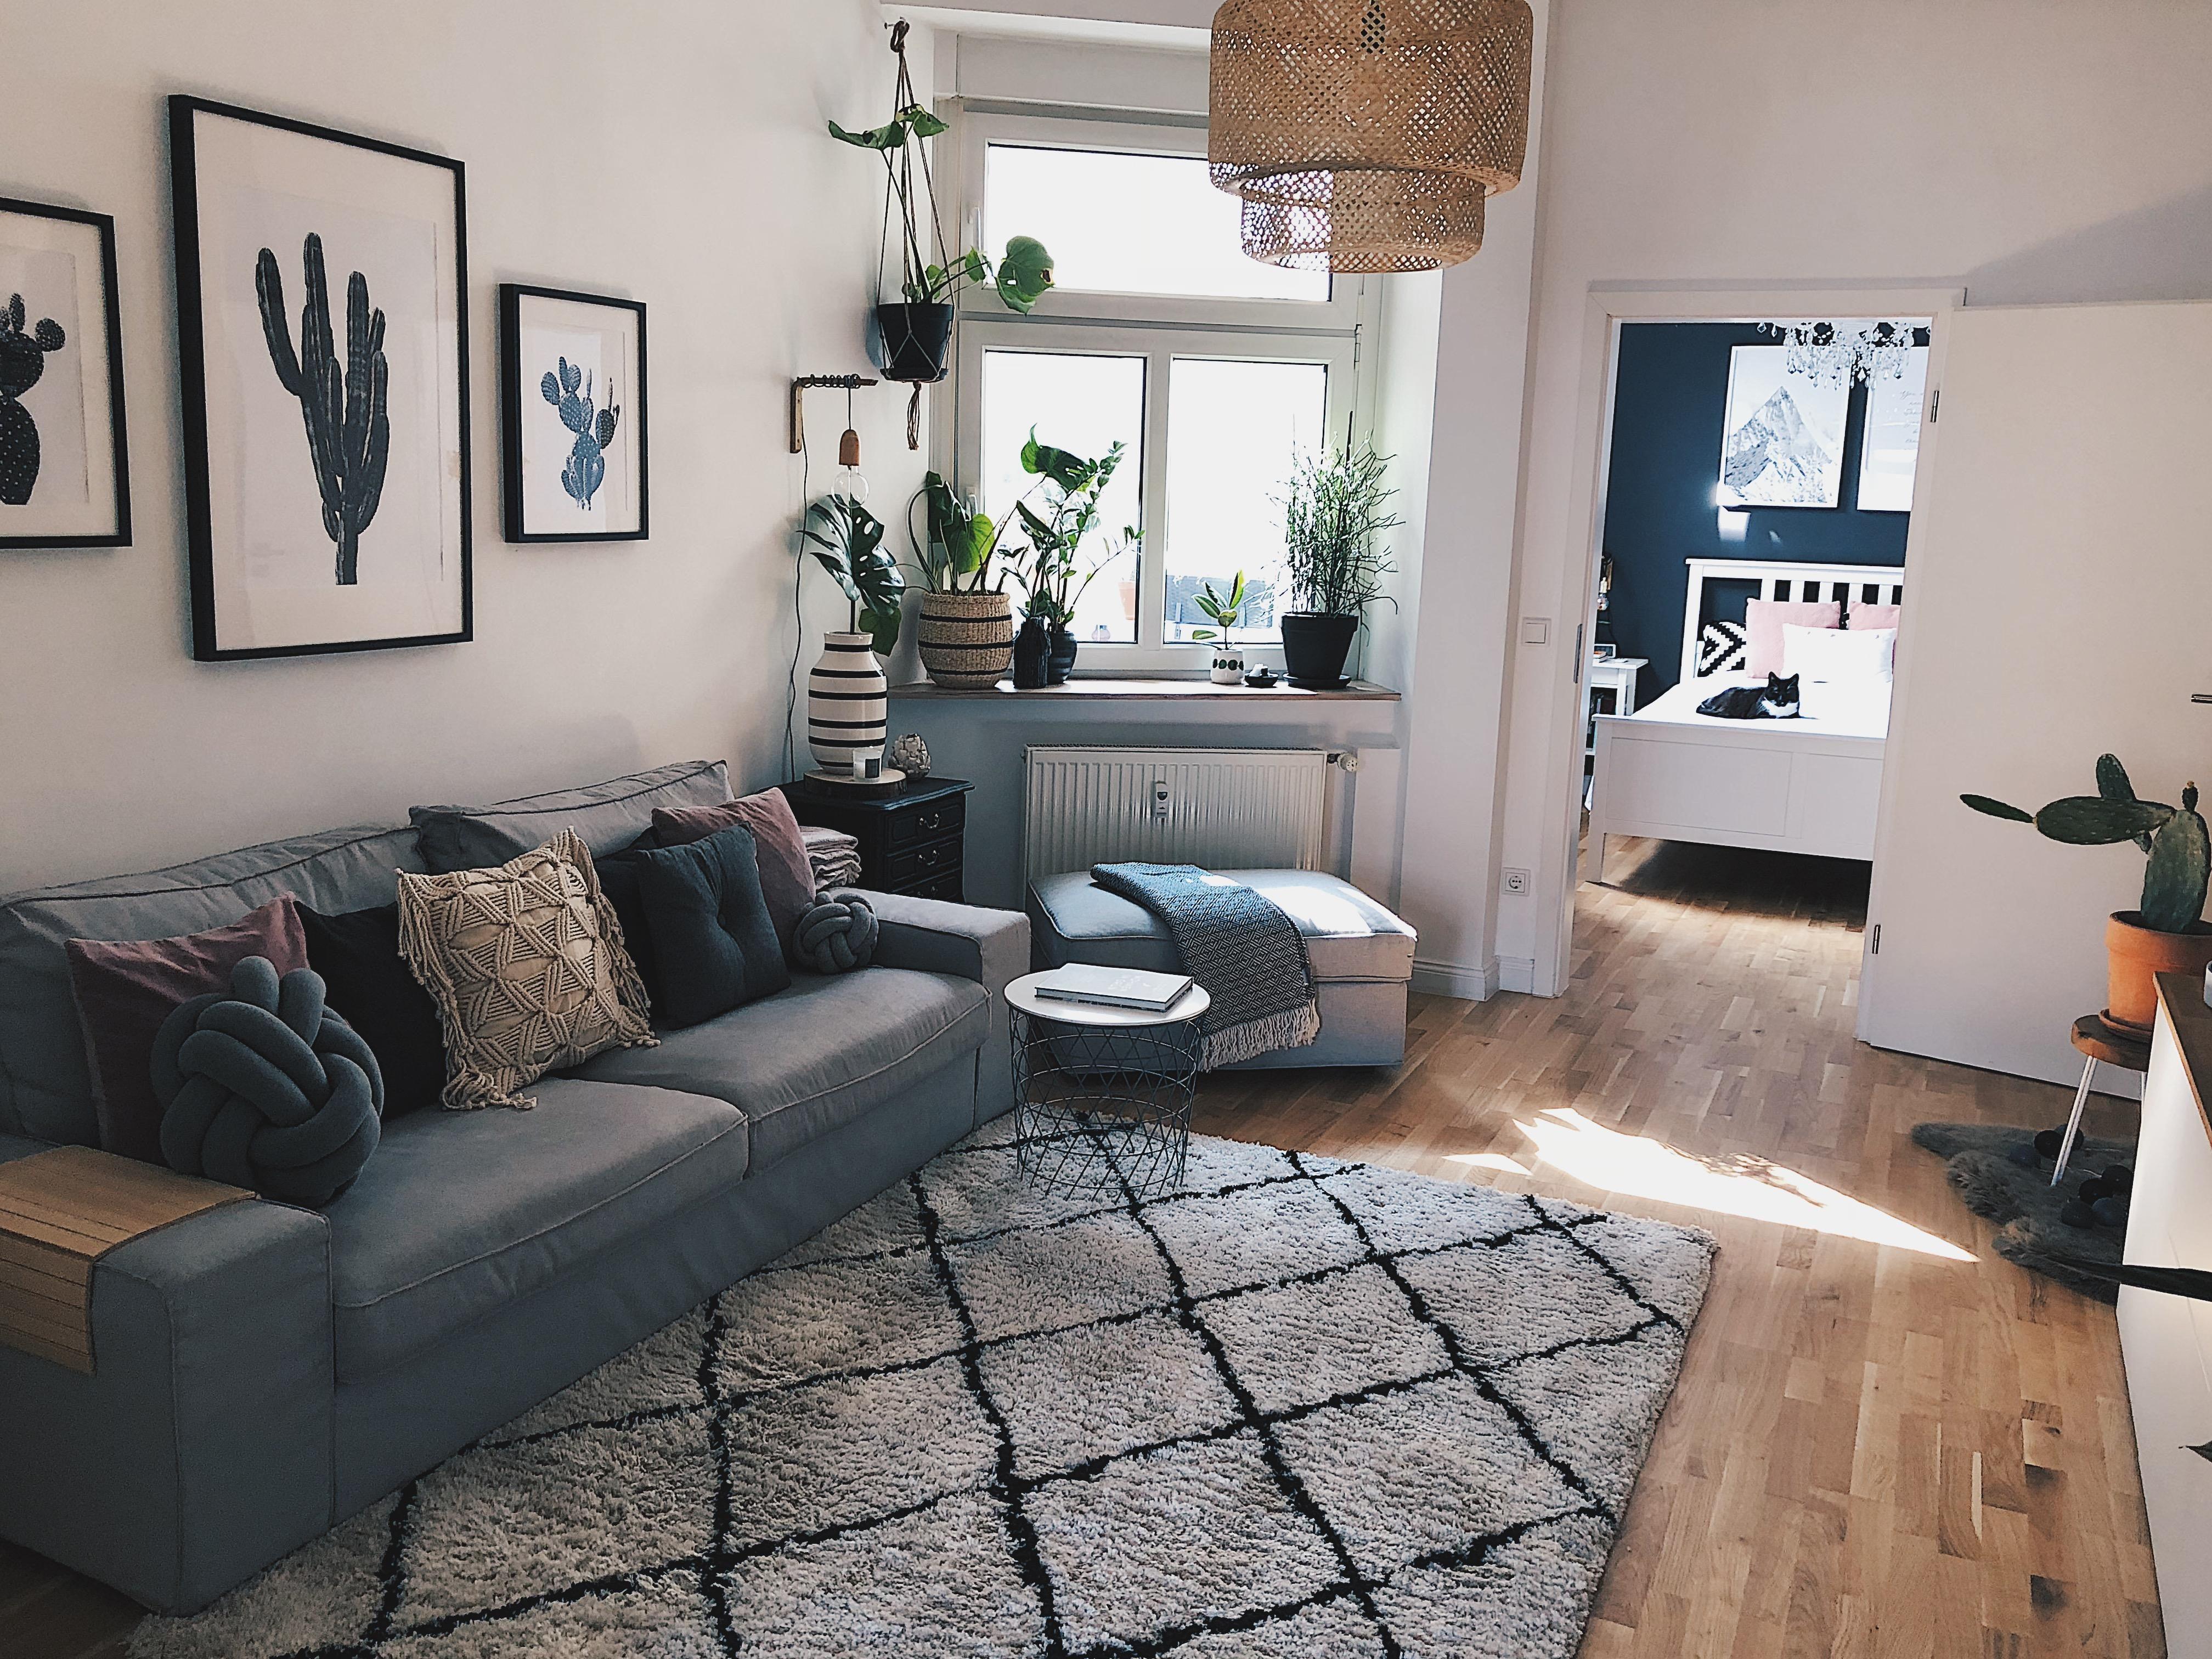 Unser Wohnzimmer 🖤 #livingroom #wohnzimmer #sinnerlig #mywestwingstyle  #wohnklamotte #germaninteriorbloggers